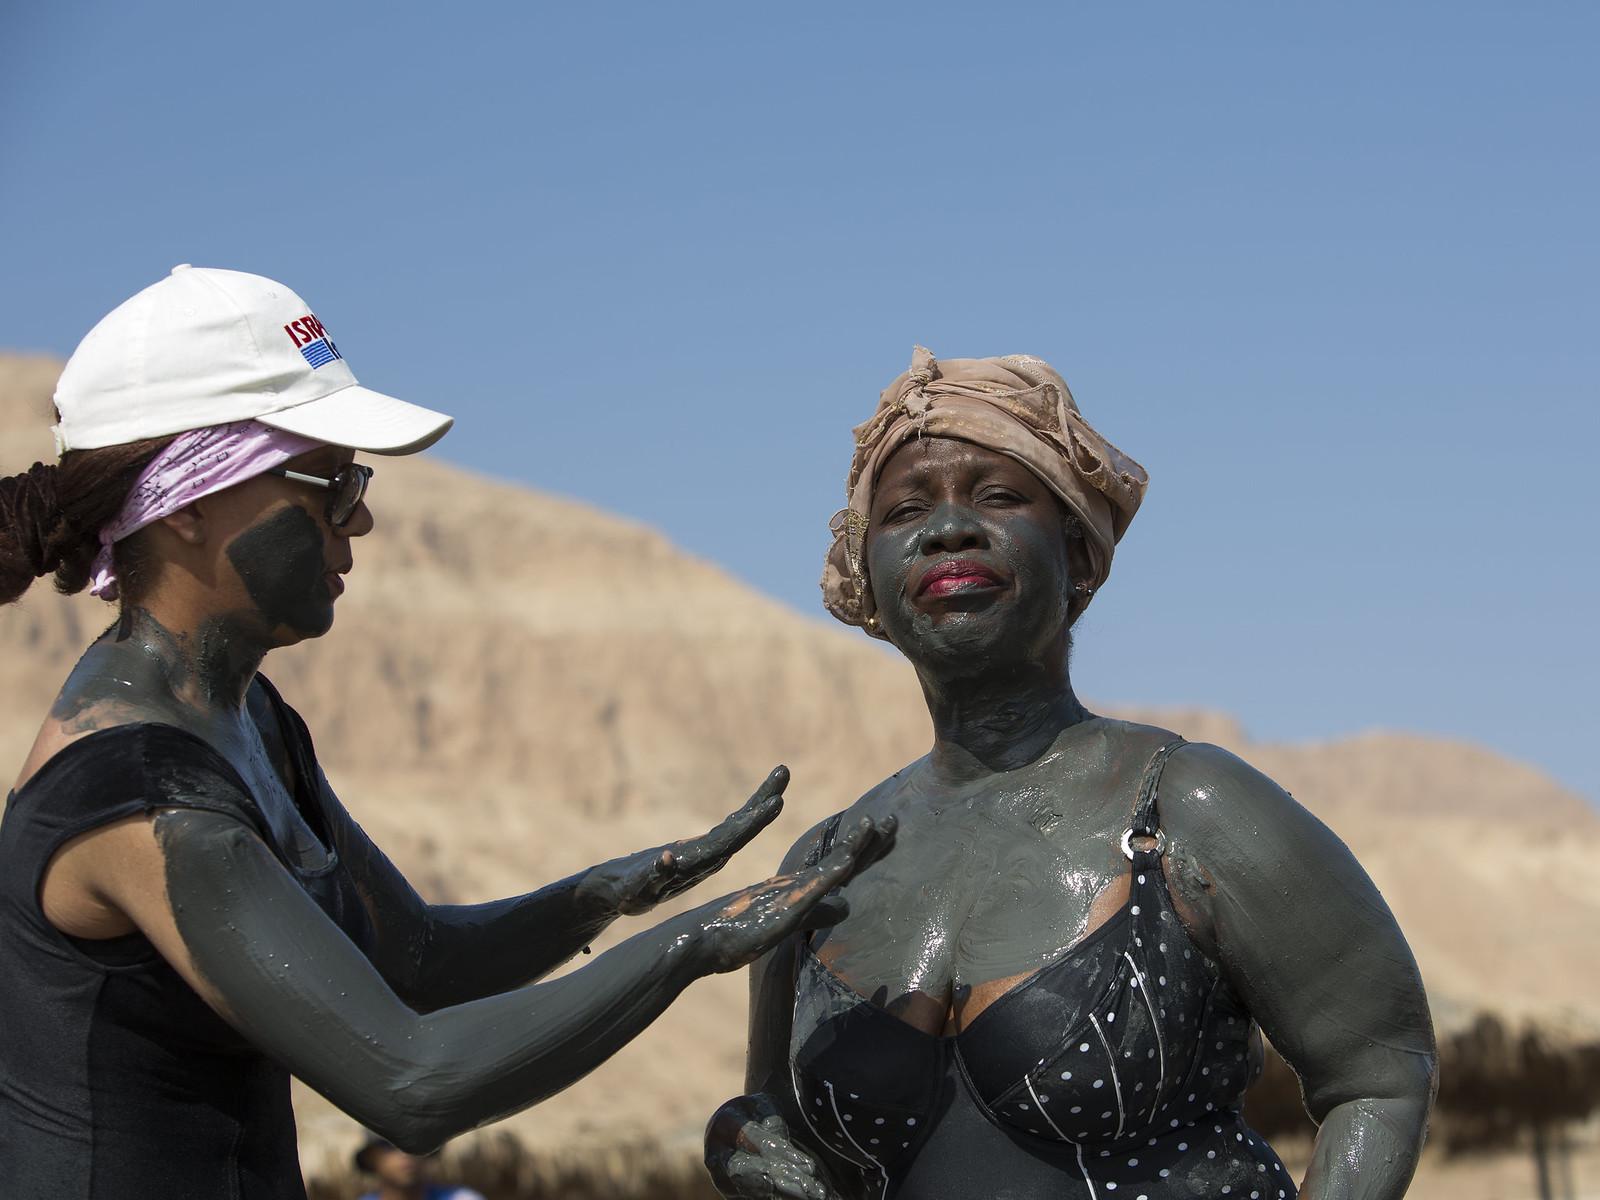 Dead Sea mud DS_12IG1293_Itamar Grinberg_IMOT